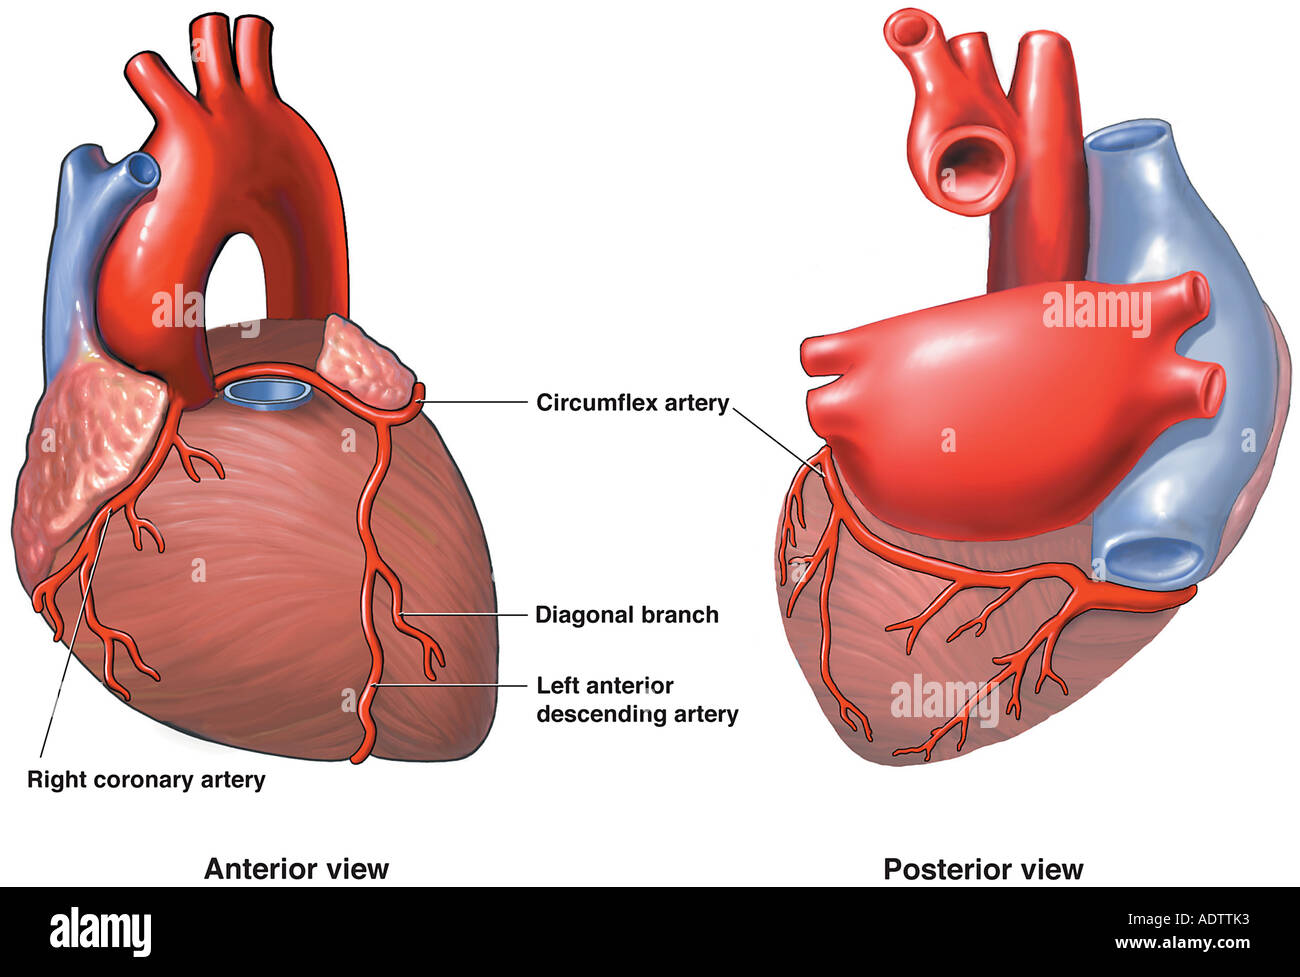 Anatomie des Herzens Stockfoto, Bild: 7710258 - Alamy